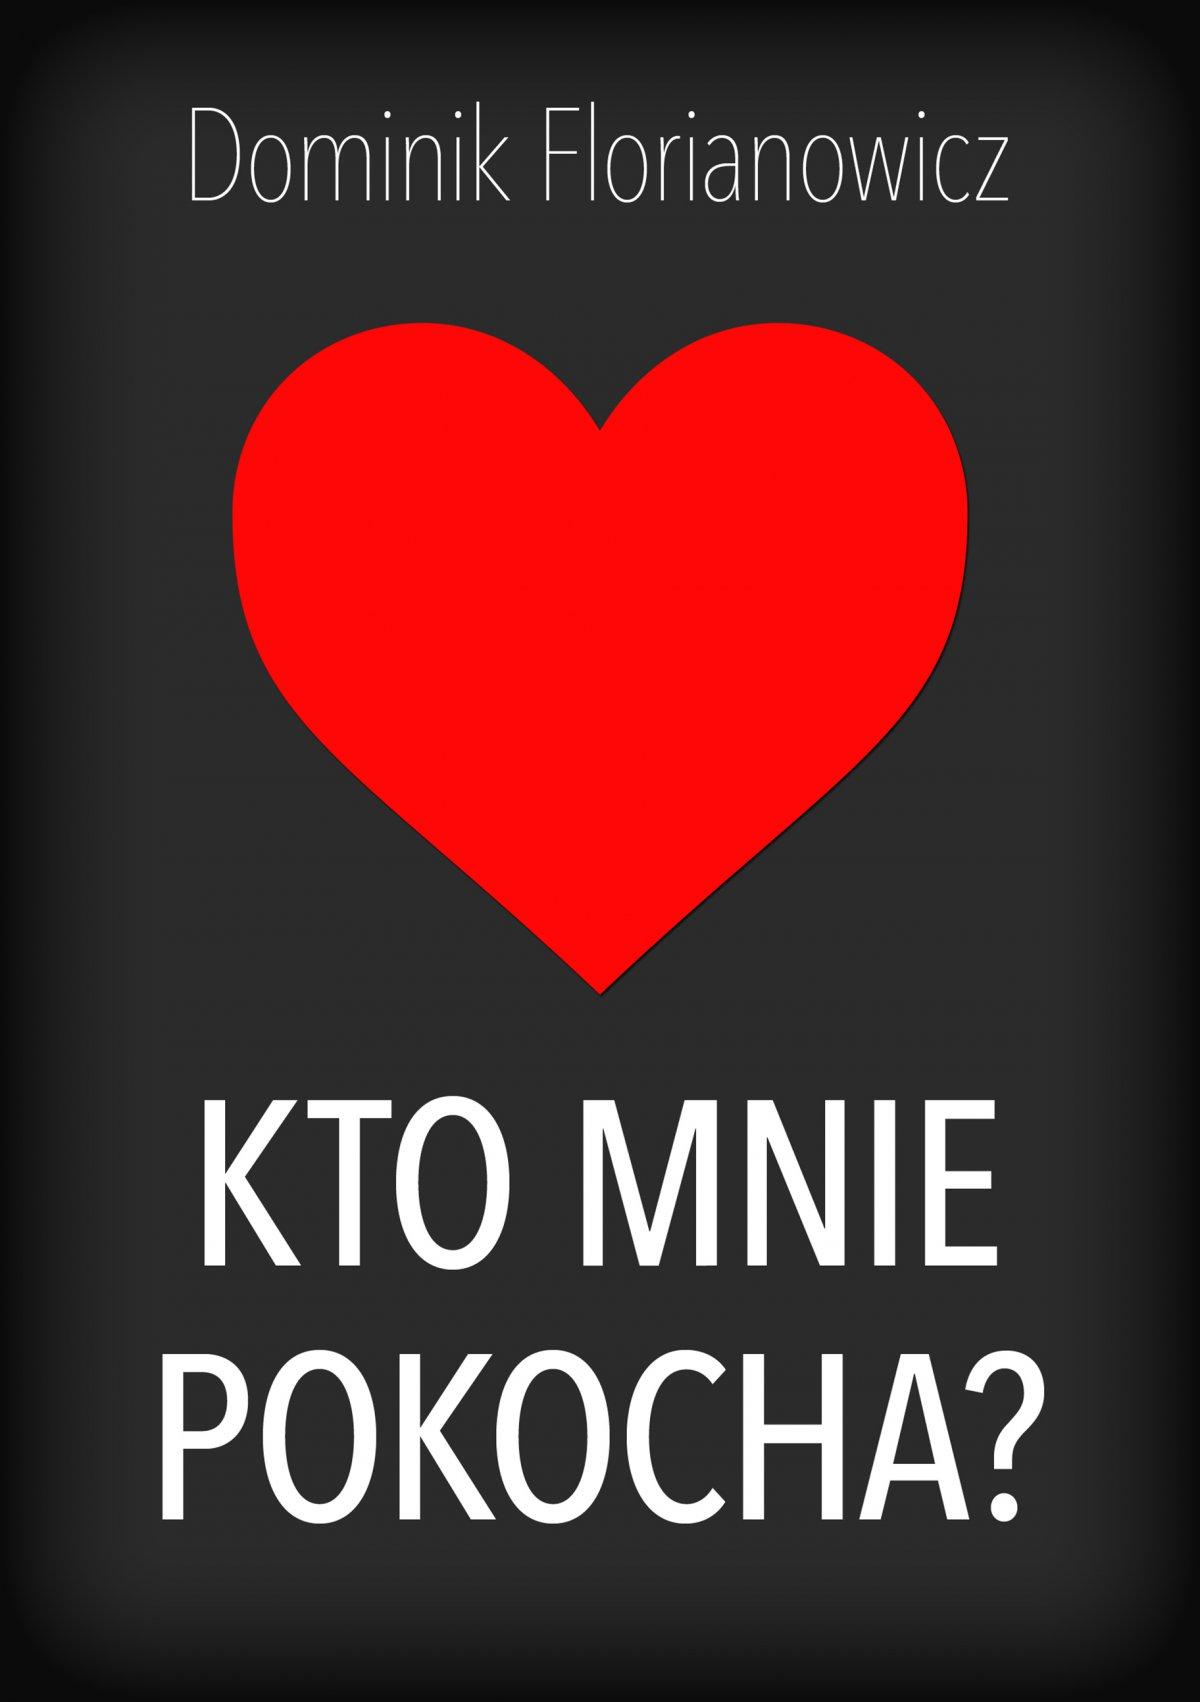 Kto mnie pokocha? - Ebook (Książka EPUB) do pobrania w formacie EPUB